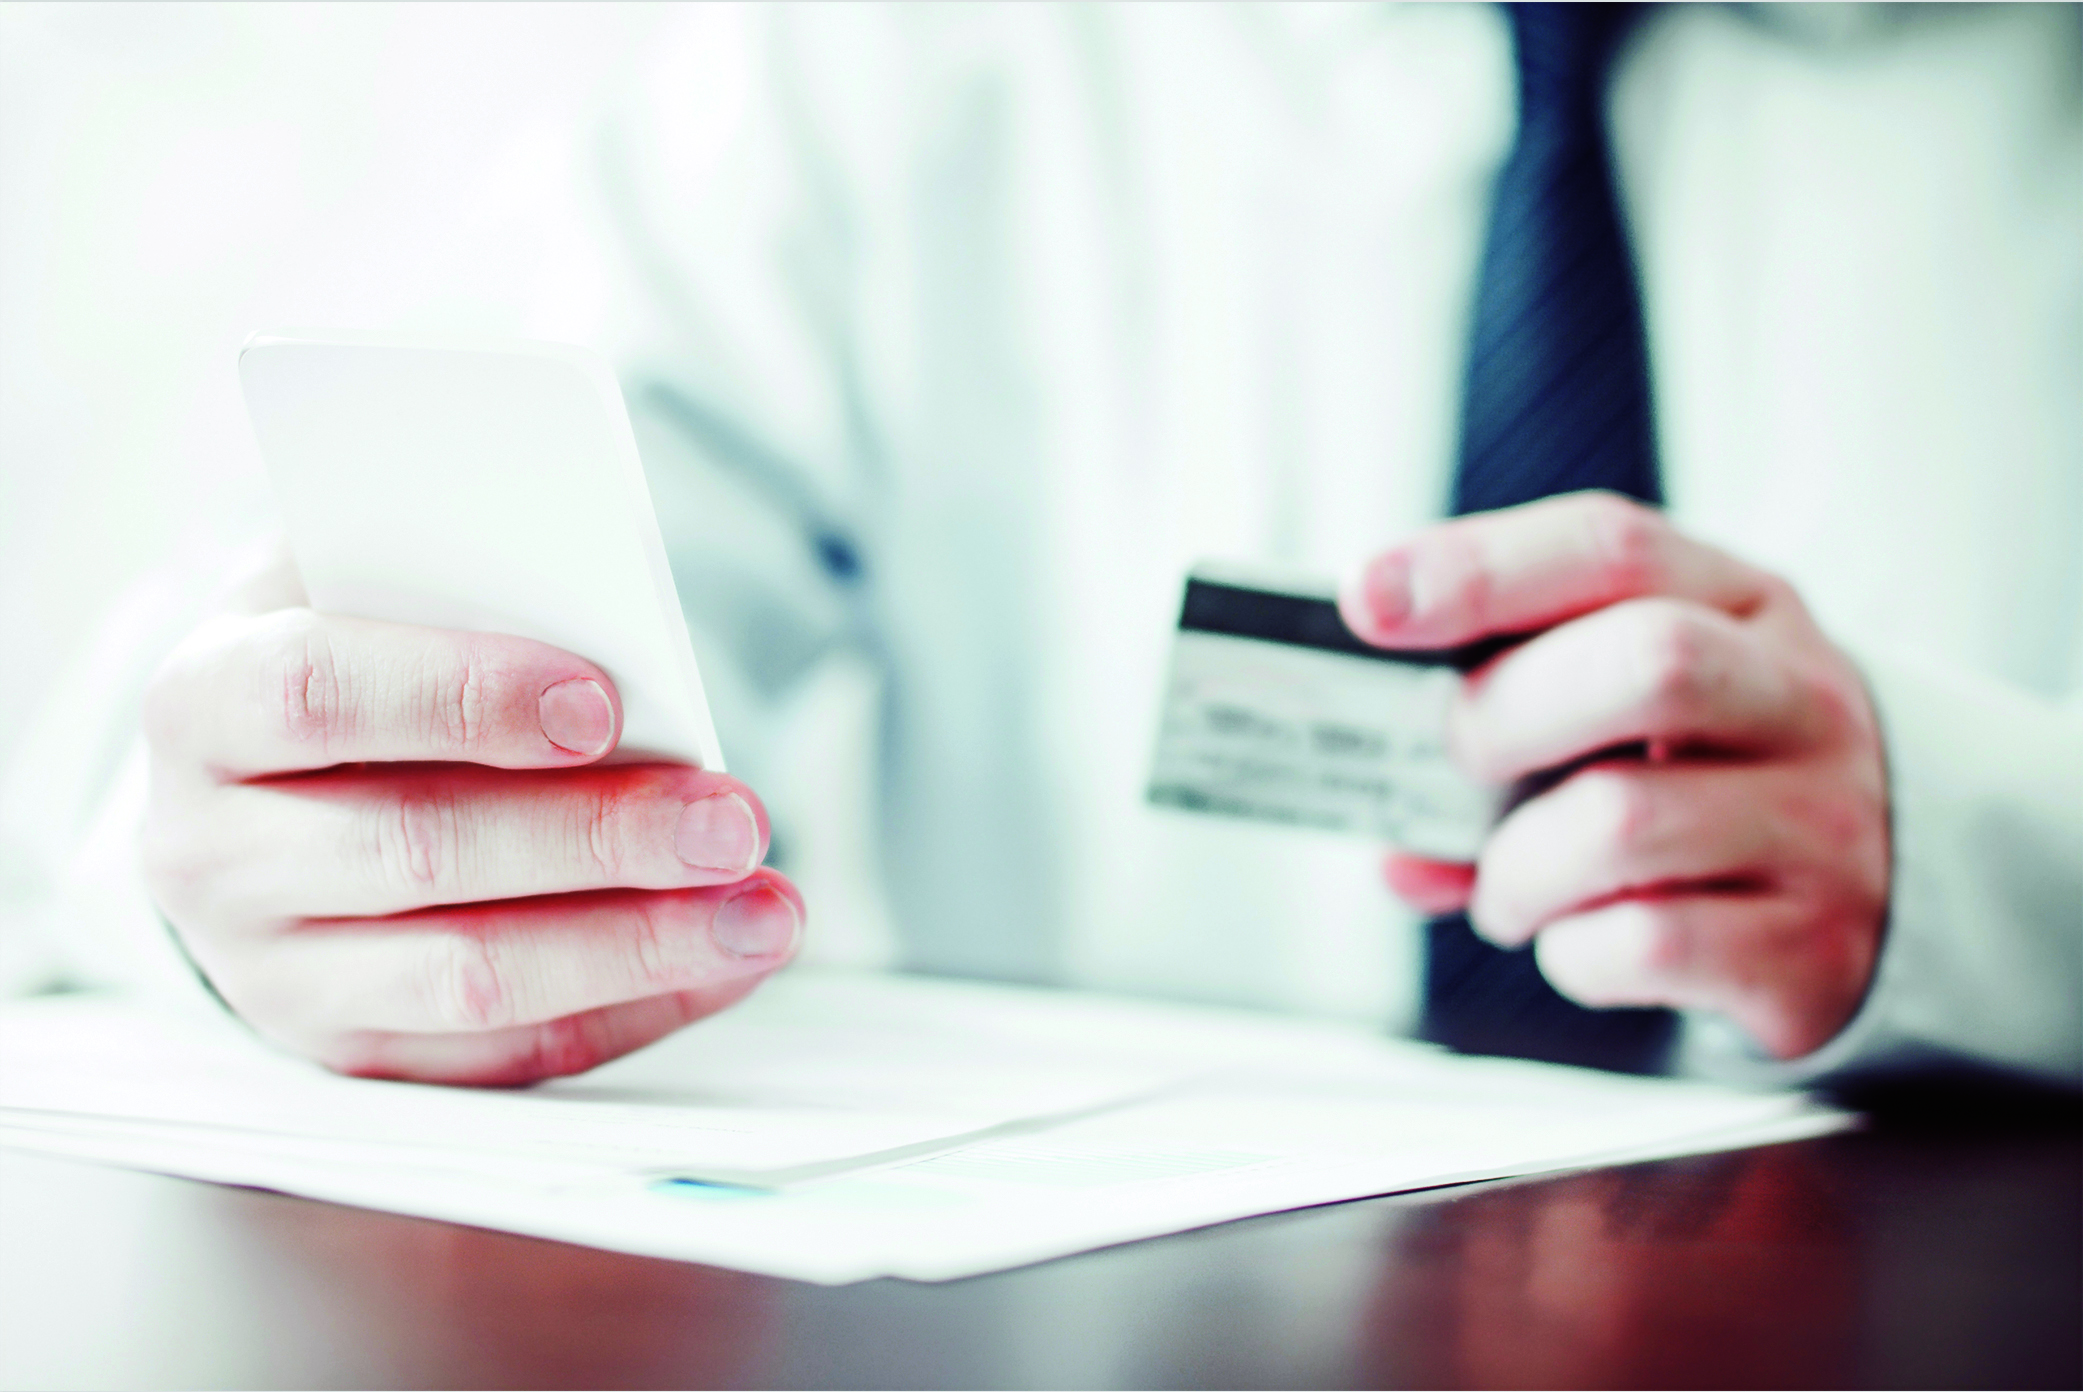 safe online banking - credit card